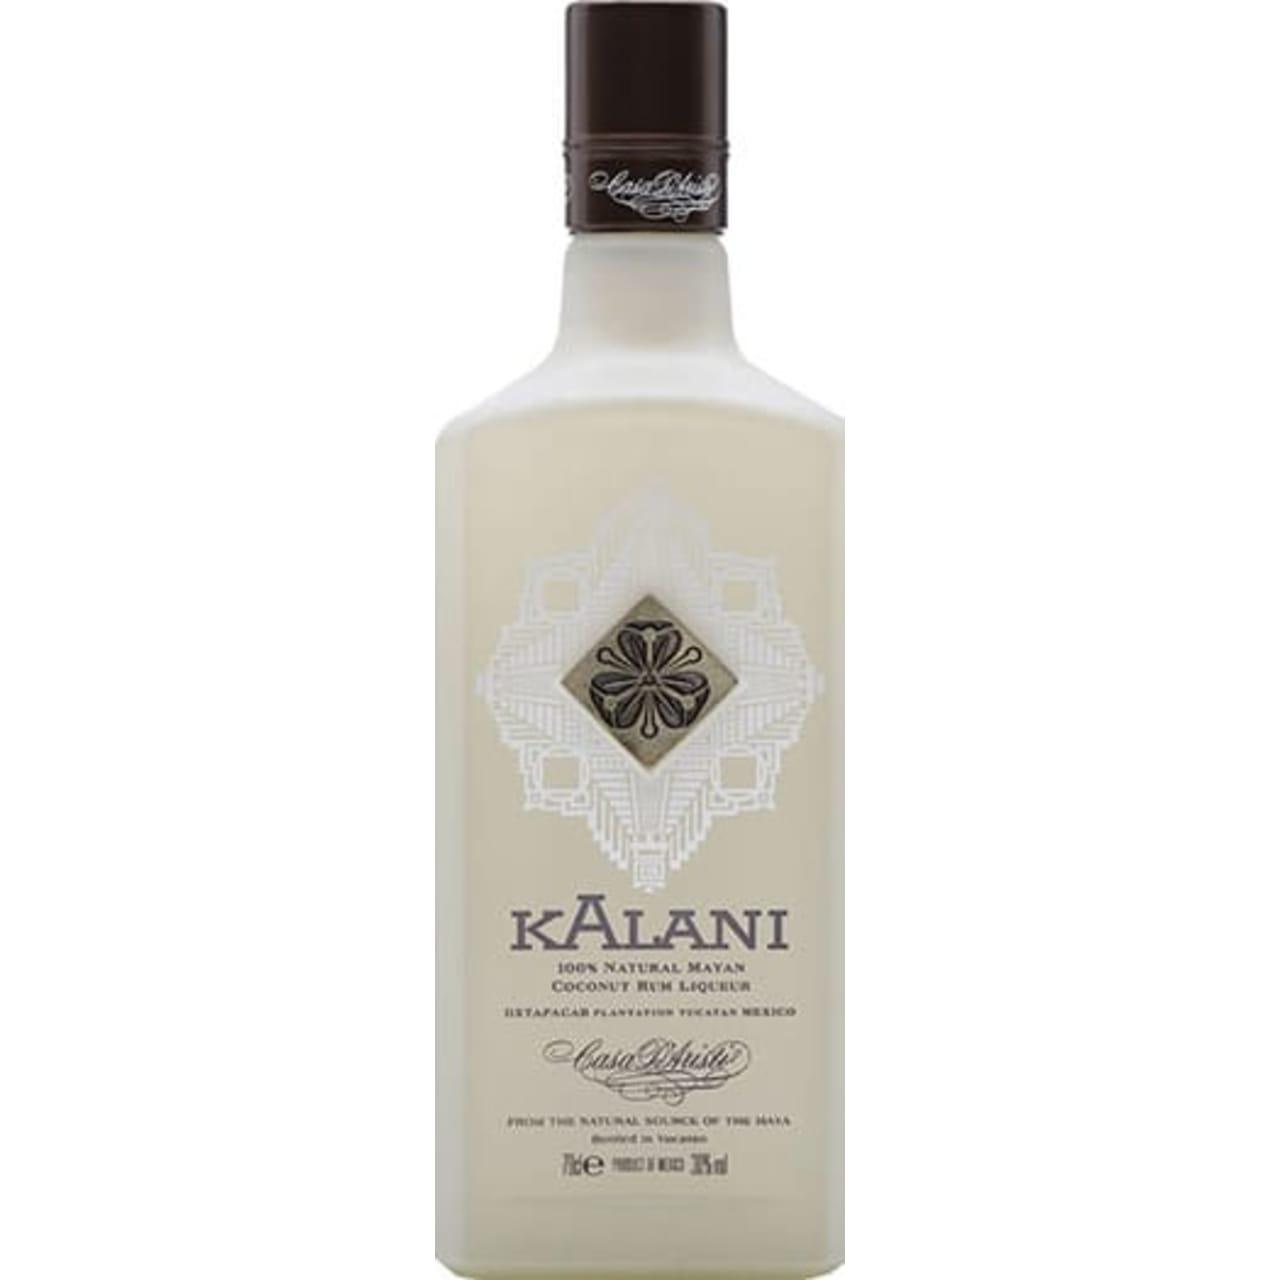 Product Image - Kalani Coconut Rum Liqueur